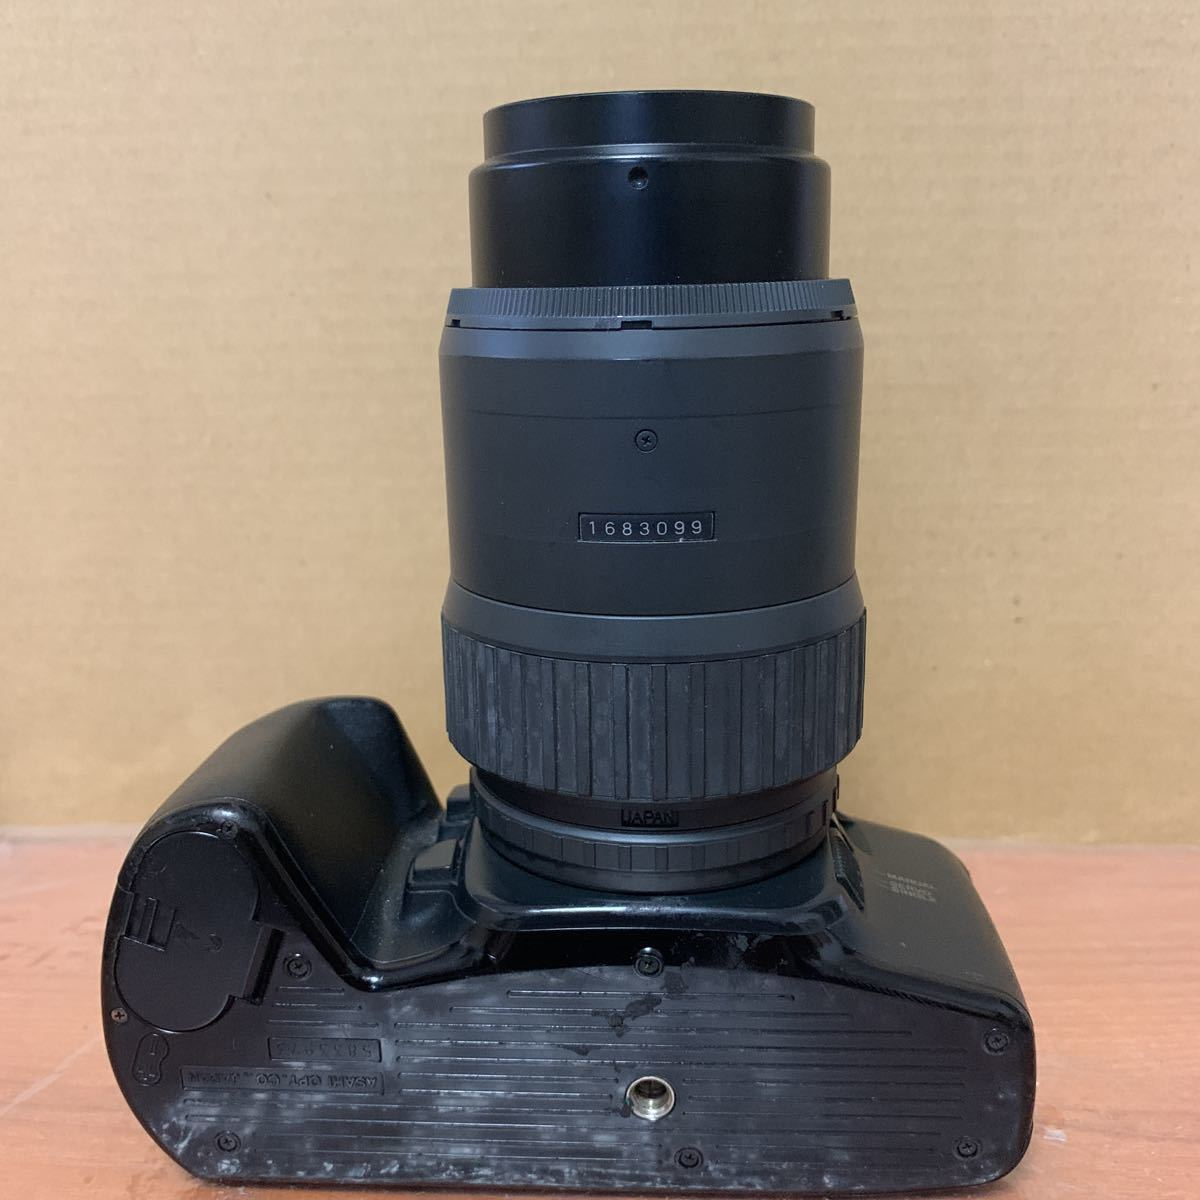 PENTAX Z - 1 ペンタックス 一眼レフカメラ フィルムカメラ 未確認 973_画像6